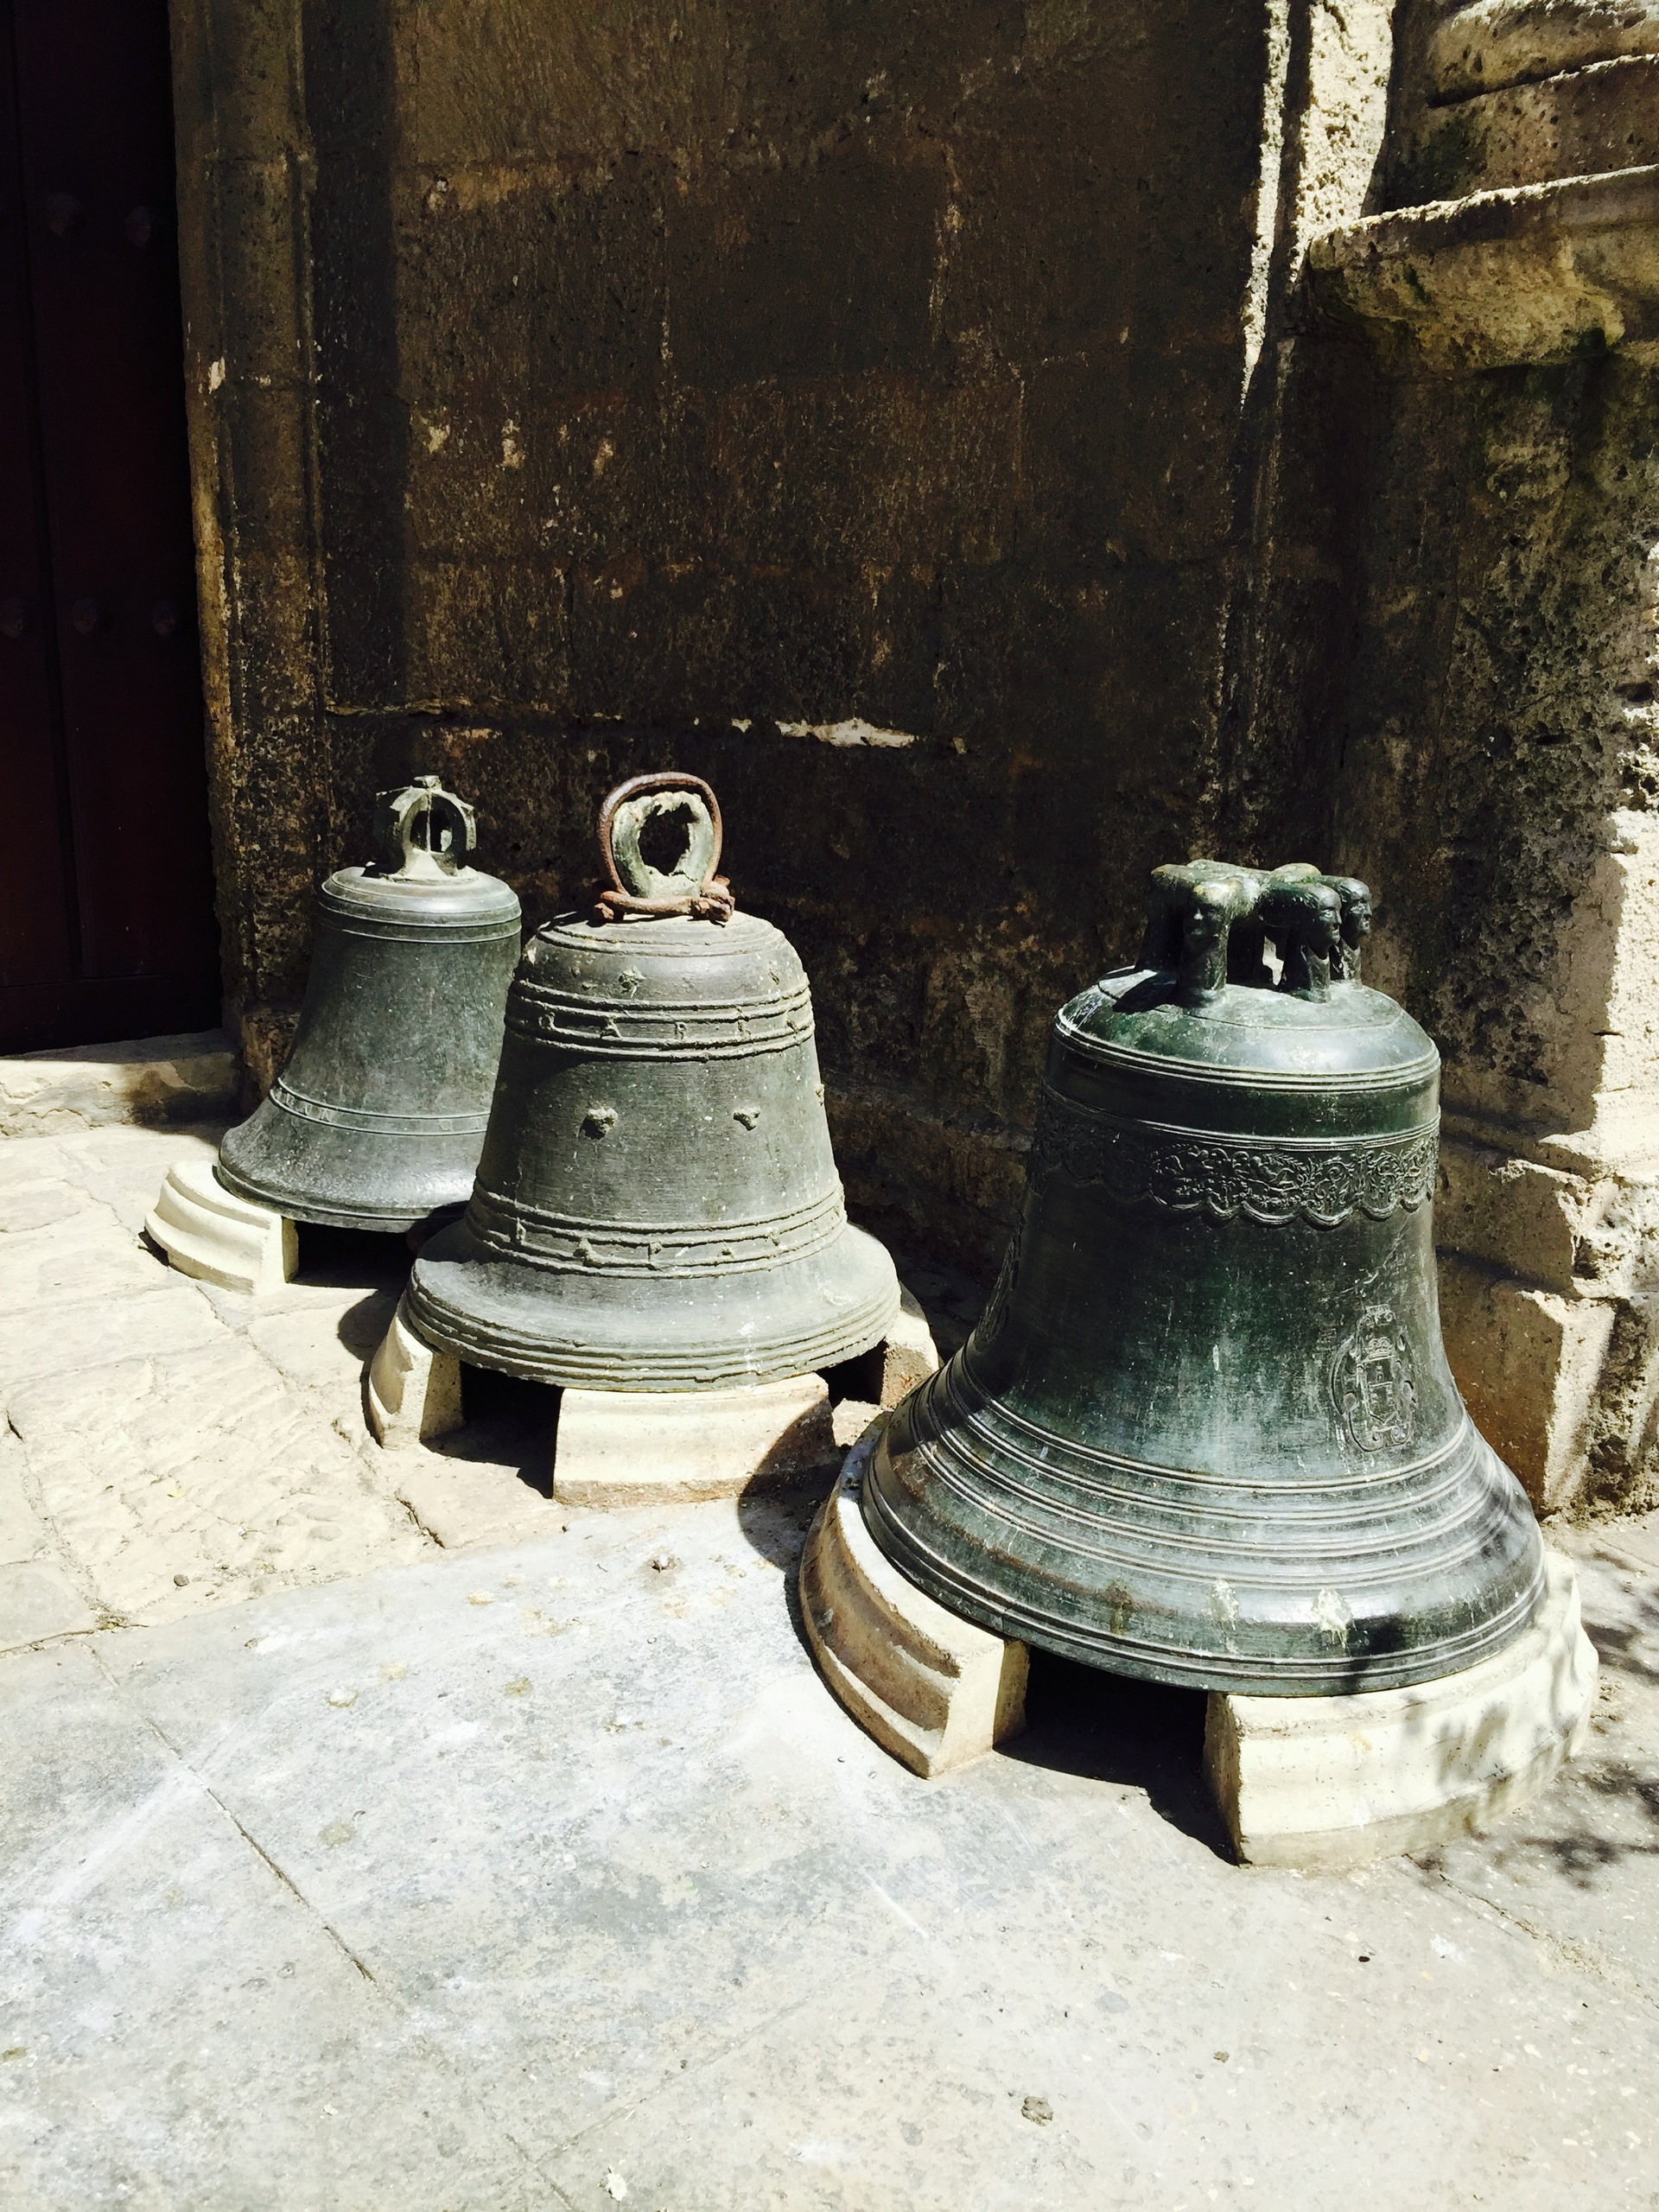 Foap.com: 3 Bells. Old bells in Old Havana stock photo by ziadmaalouf